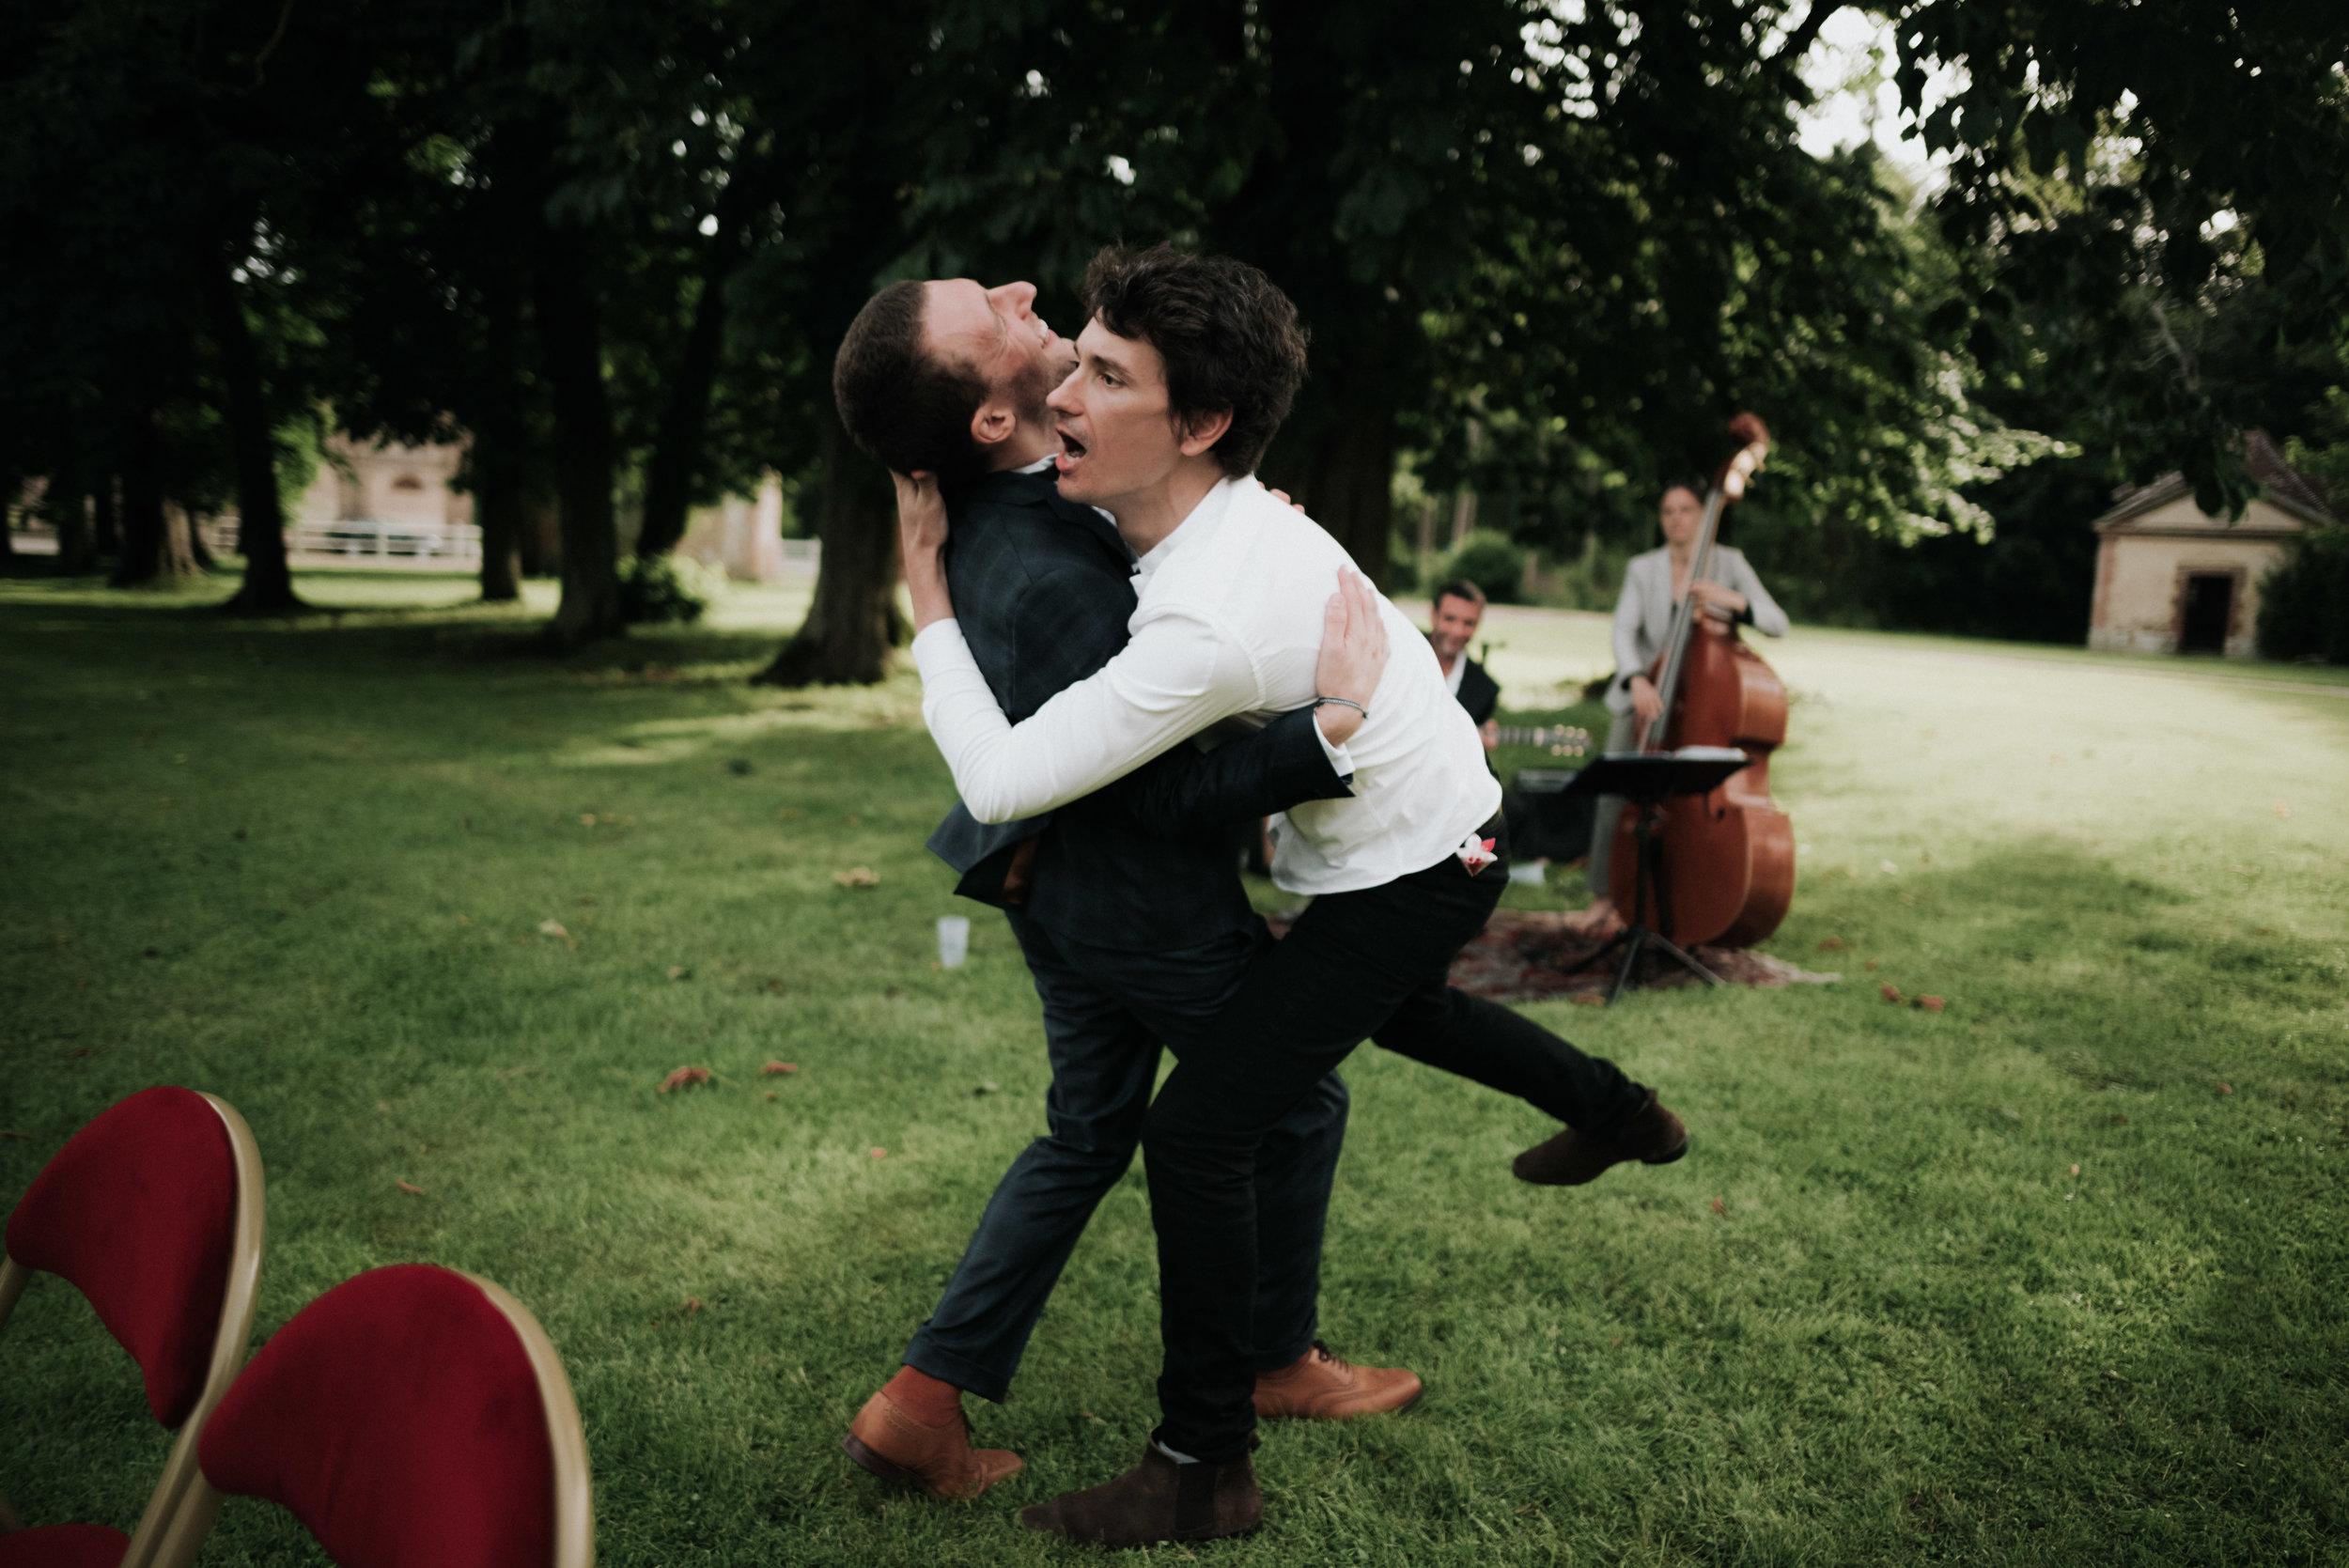 Léa-Fery-photographe-professionnel-lyon-rhone-alpes-portrait-creation-mariage-evenement-evenementiel-famille-2-239.jpg